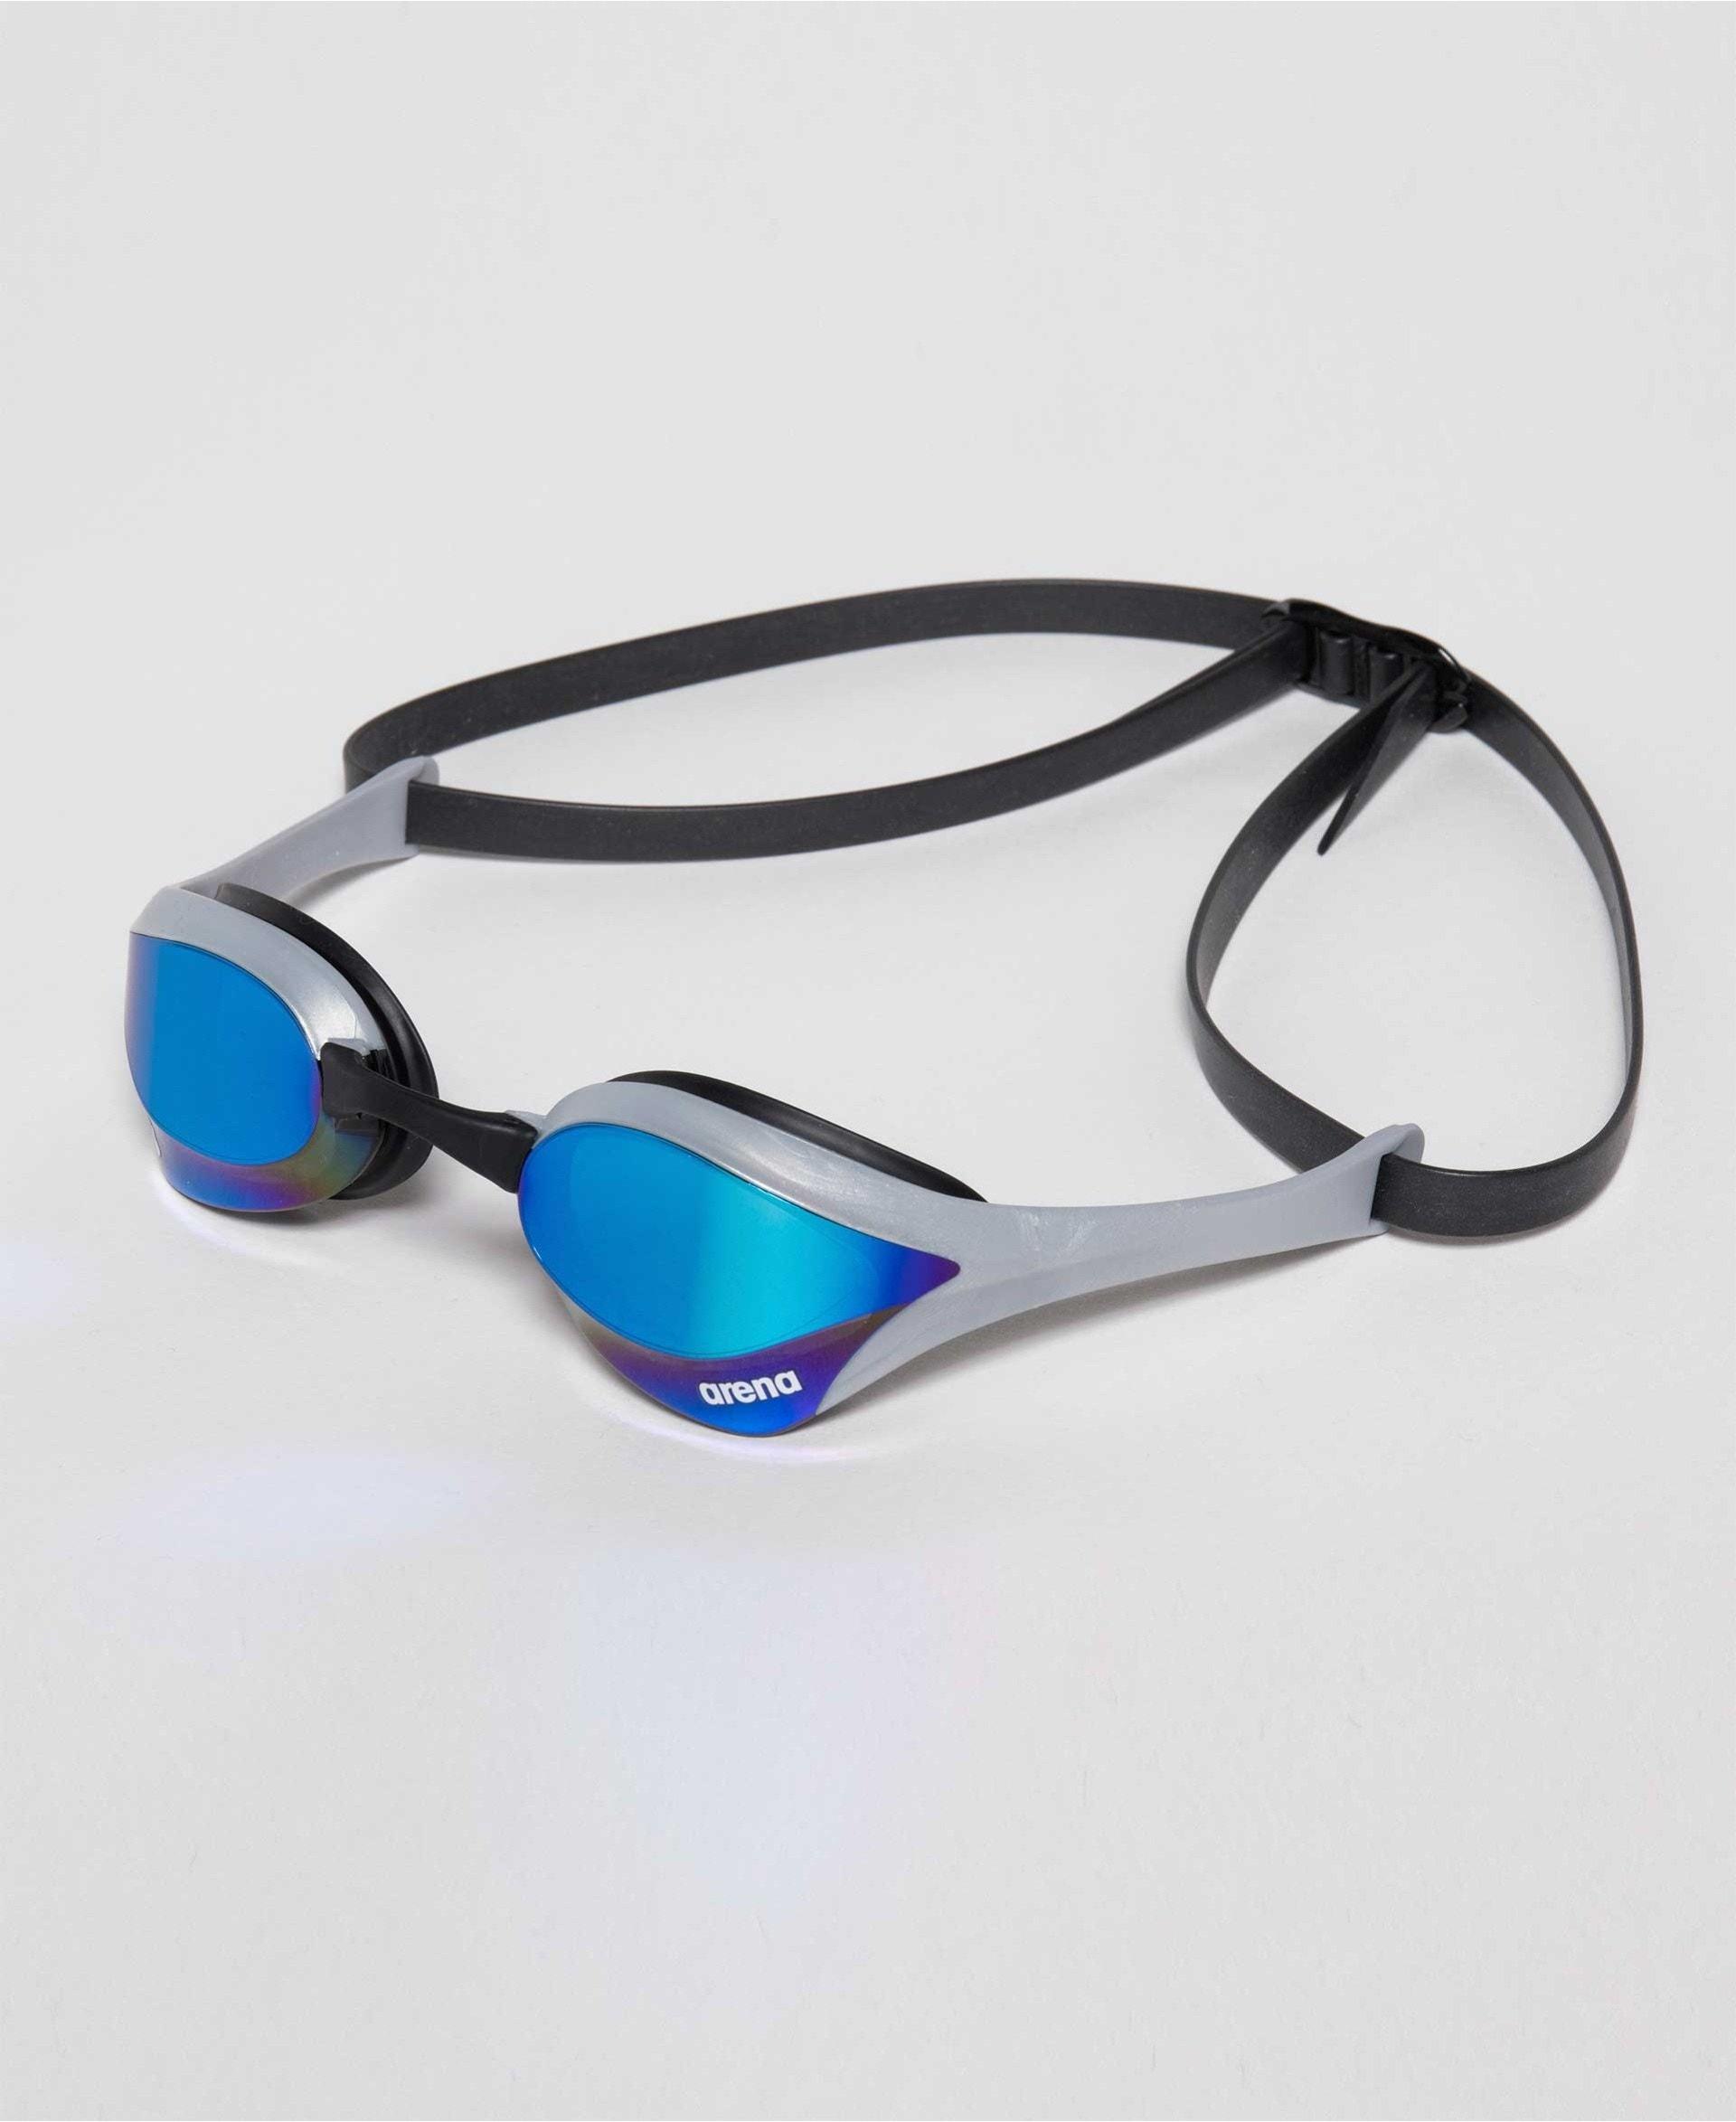 Arena Cobra Swim Goggles